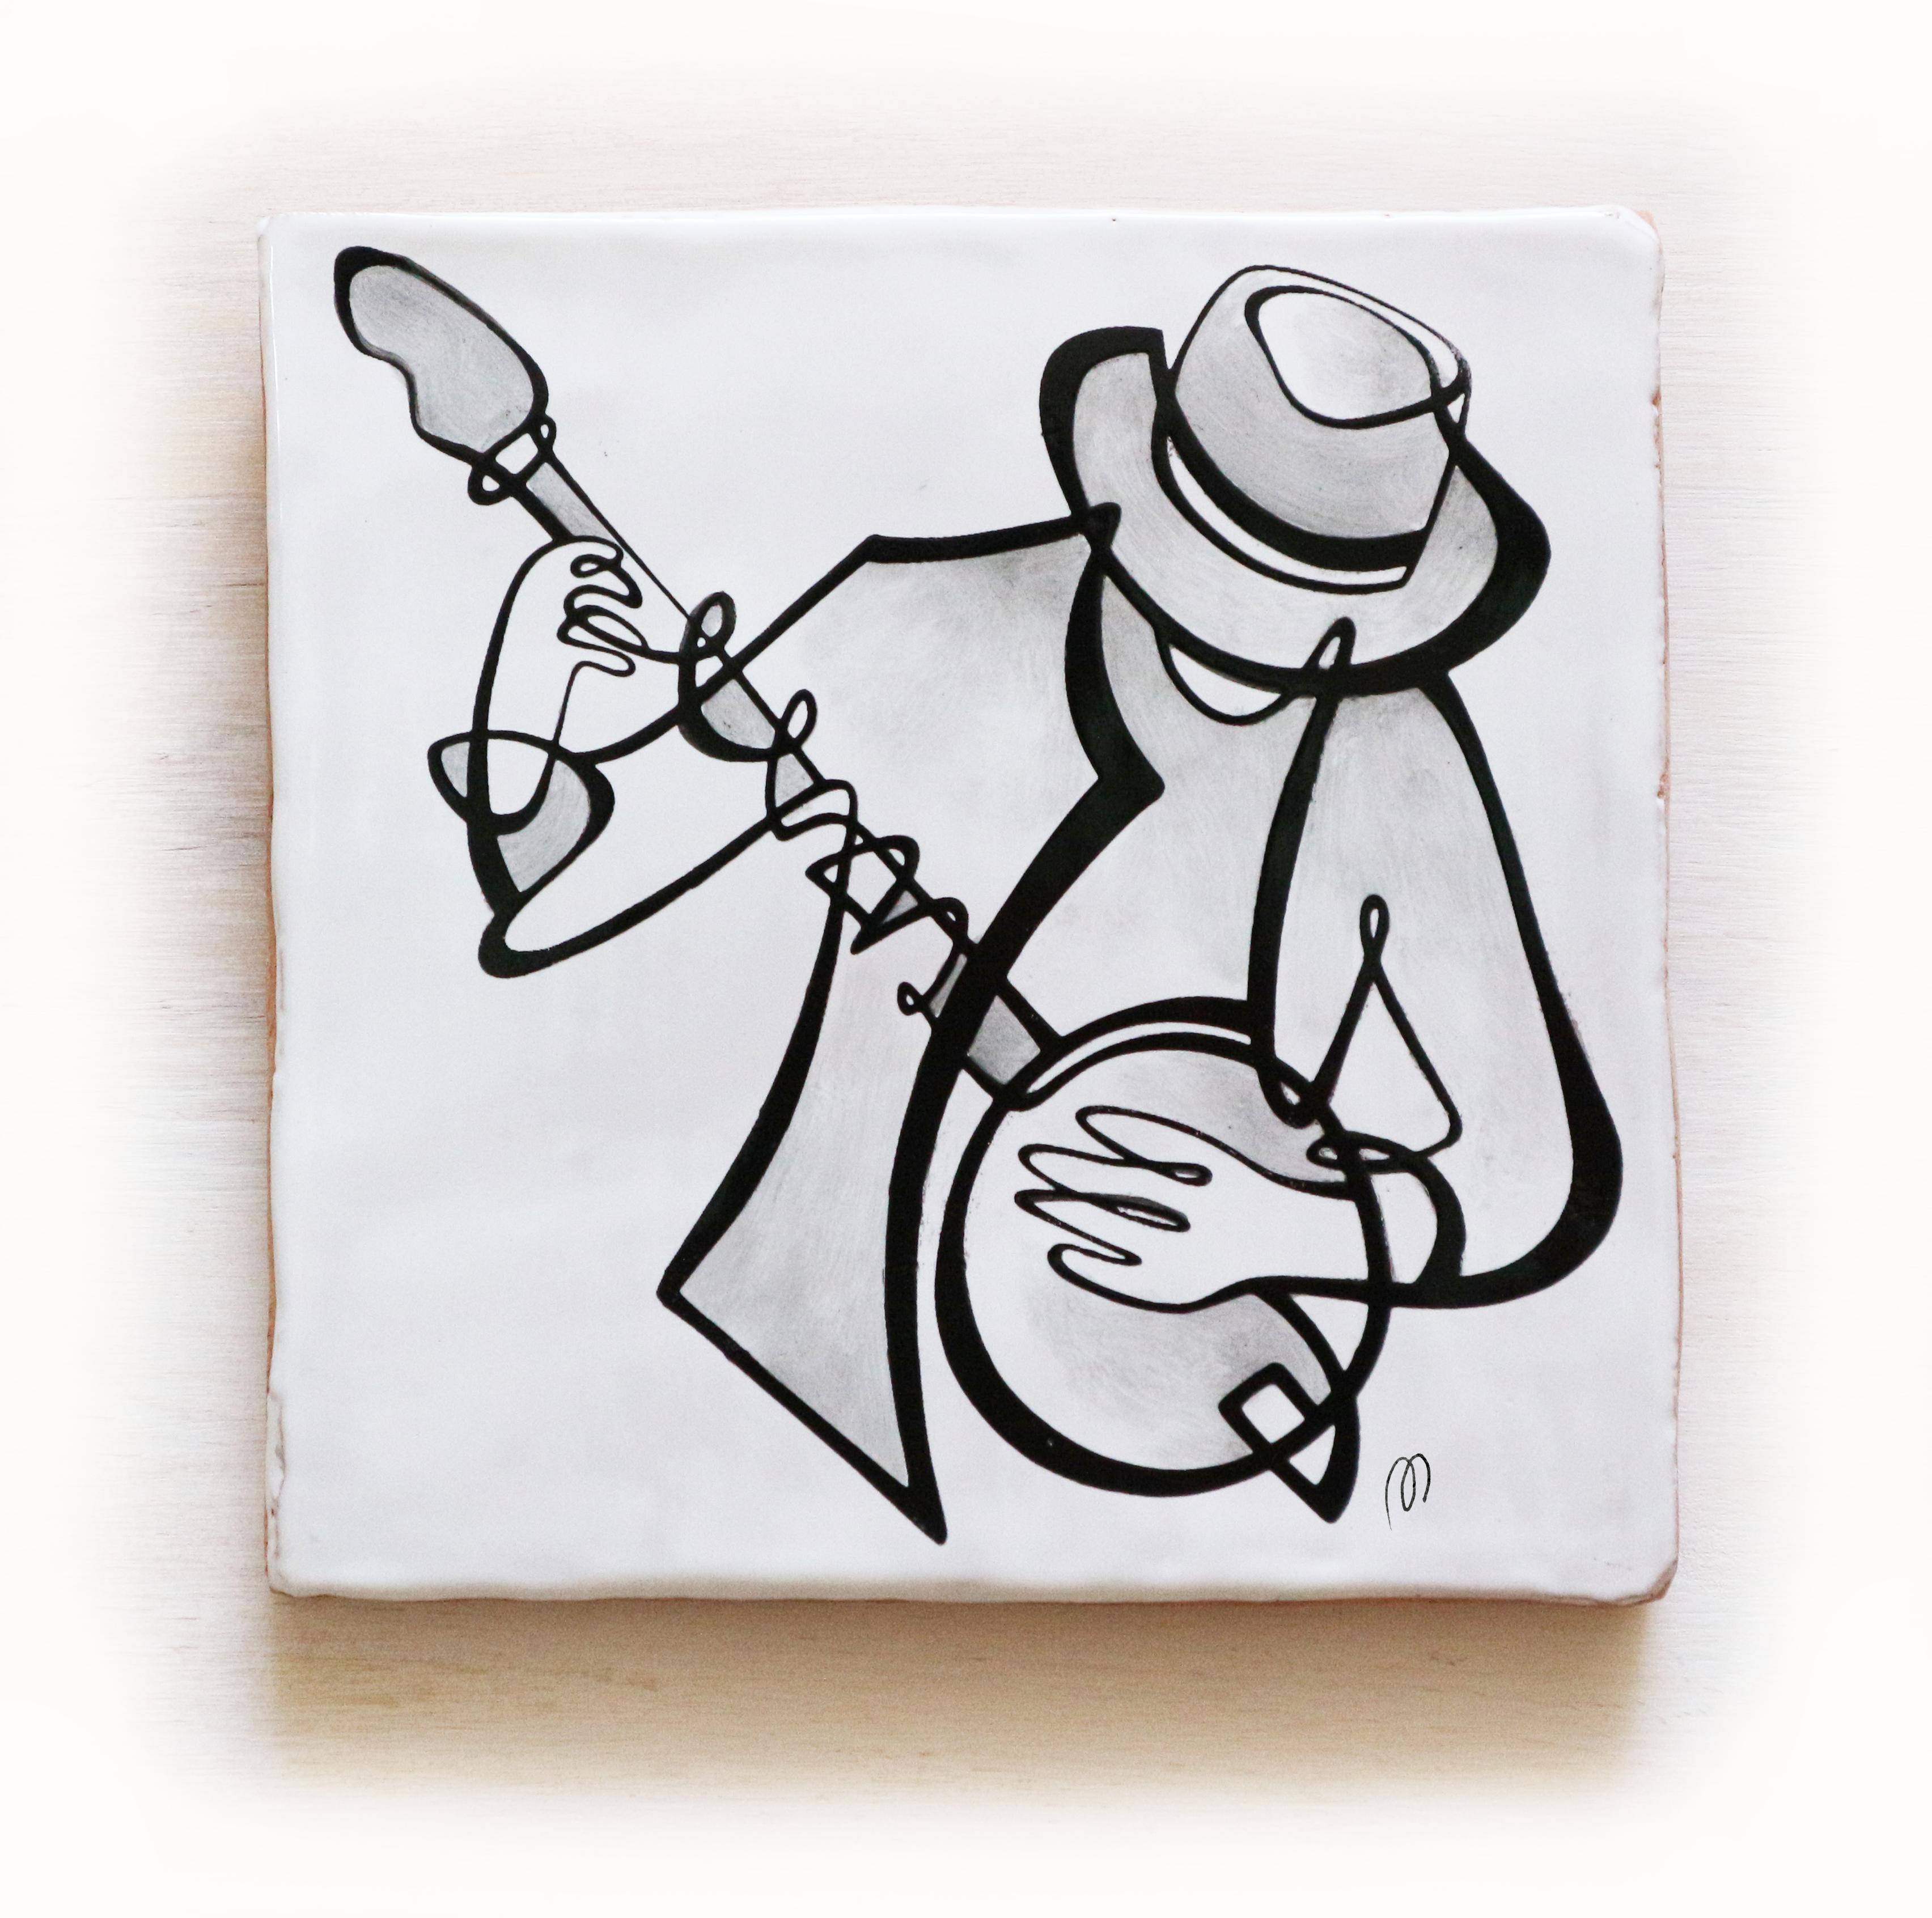 azulejo-músico-tocando-banjo-banyo-jazz-losa-20×20-ppmiralles-cerámica-de-autor-venta-on-line